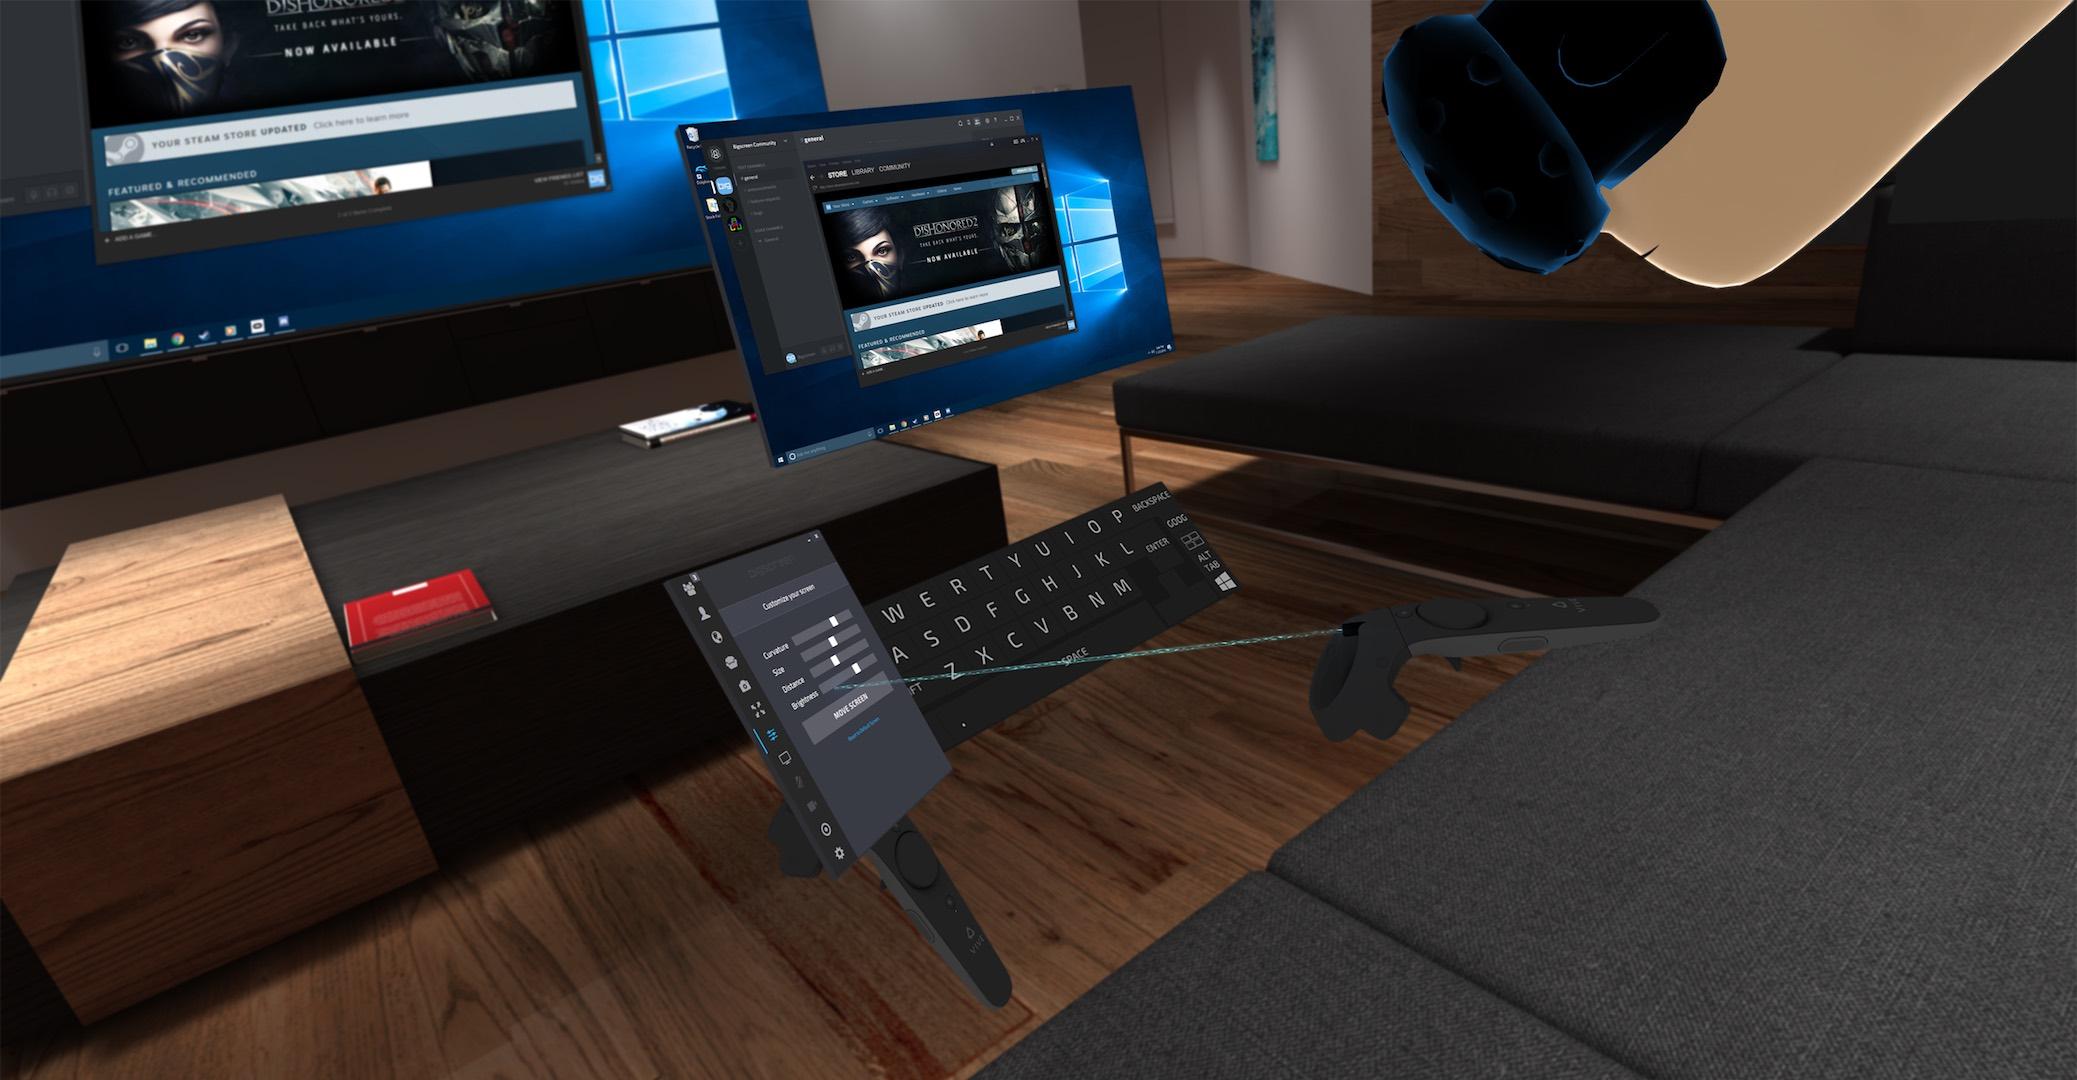 Mass Effect 2 Physx